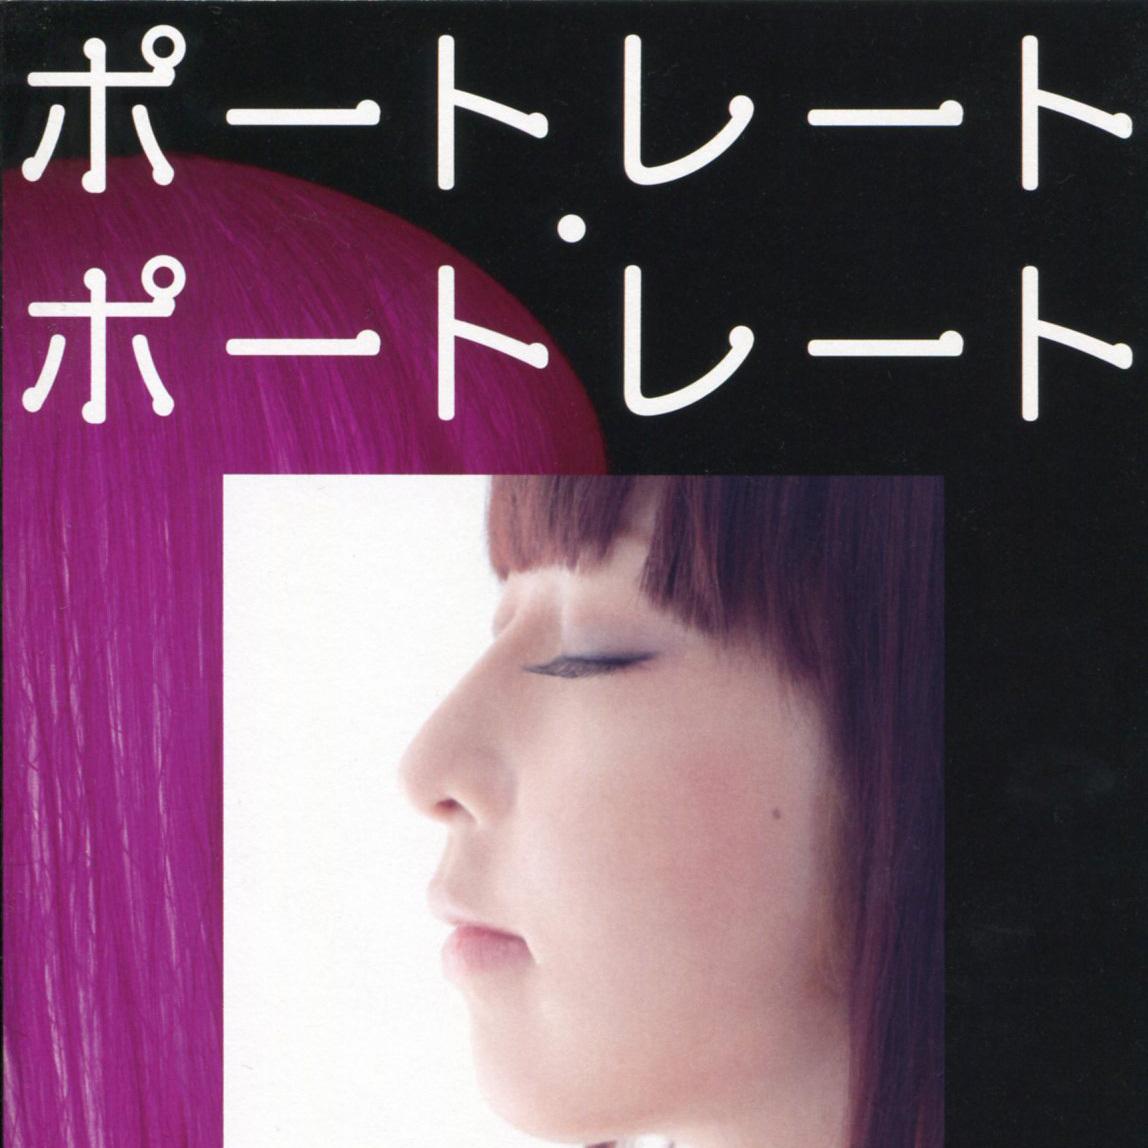 円井テトラ / 写真集「ポートレート・ポートレート」